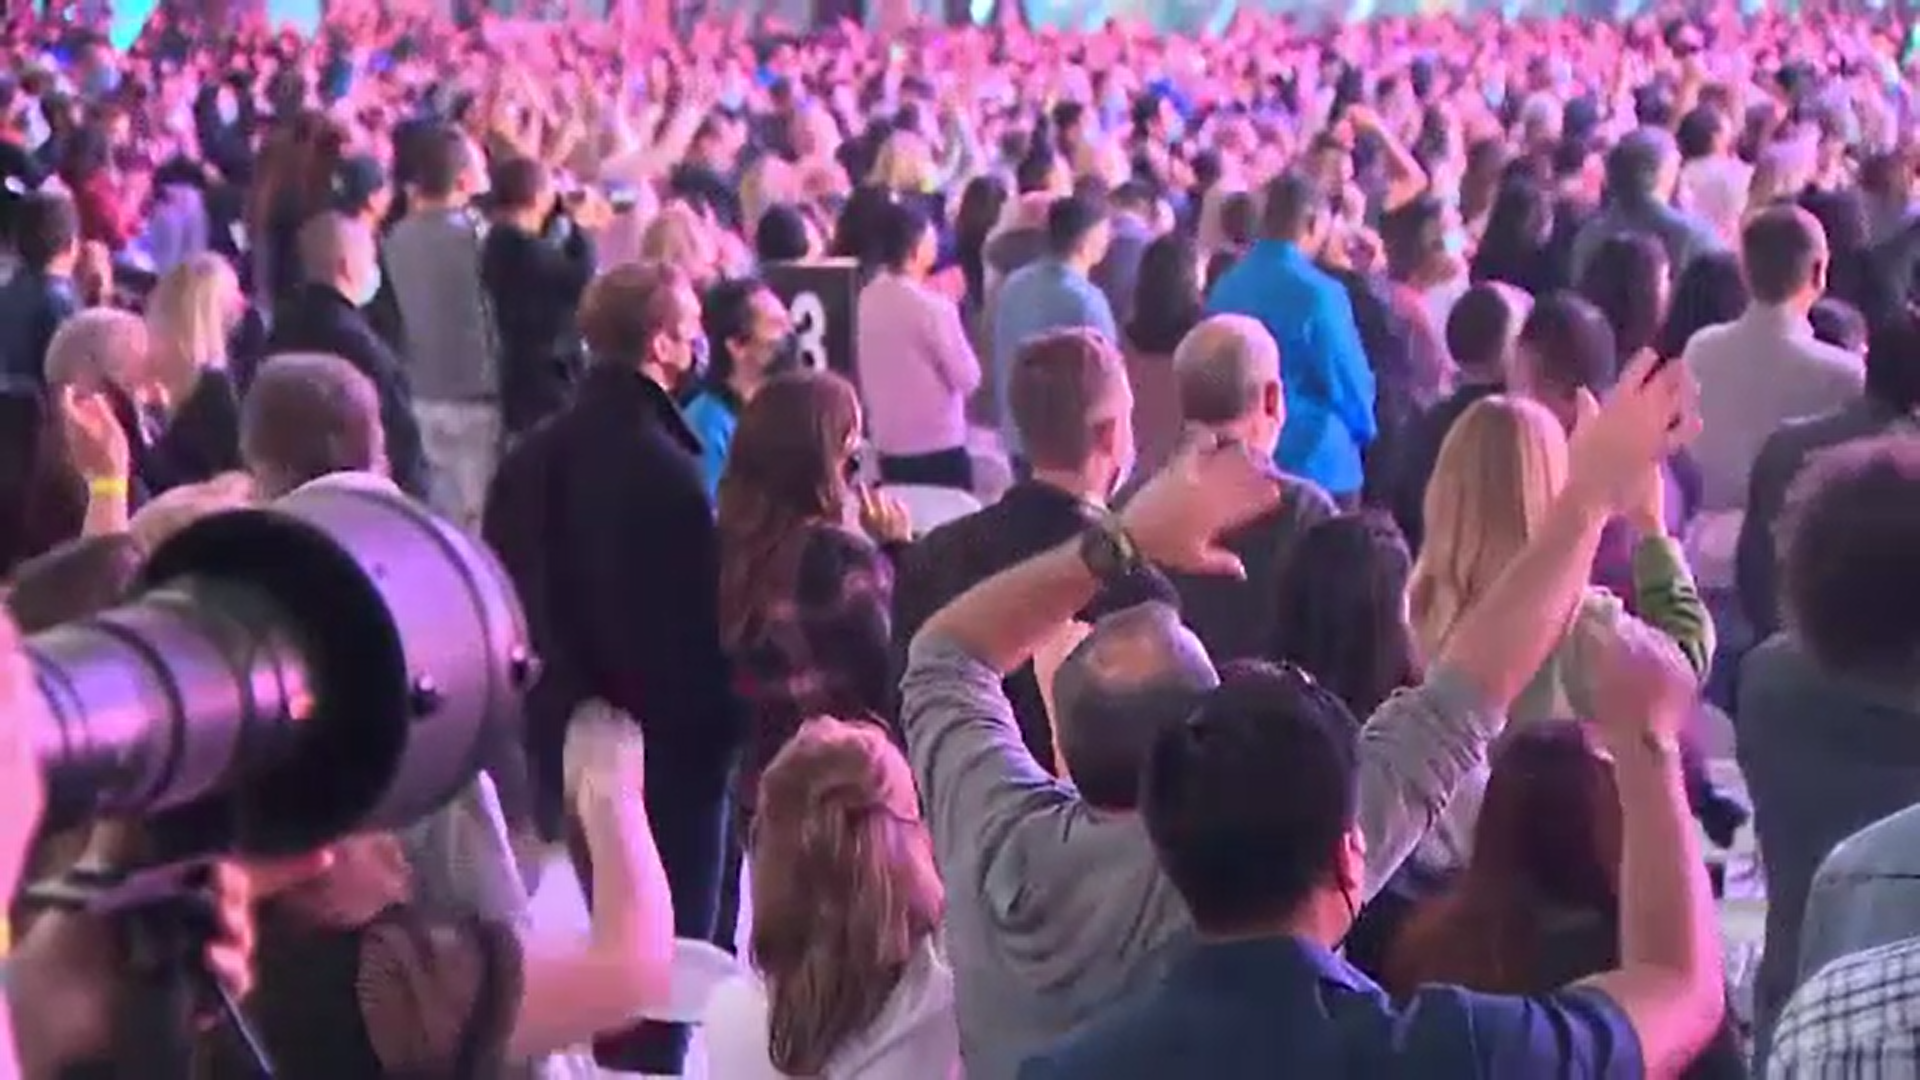 Unul dintre cele mai mari concerte cu public din acest an, în California. Prințul Harry a urcat pe scenă